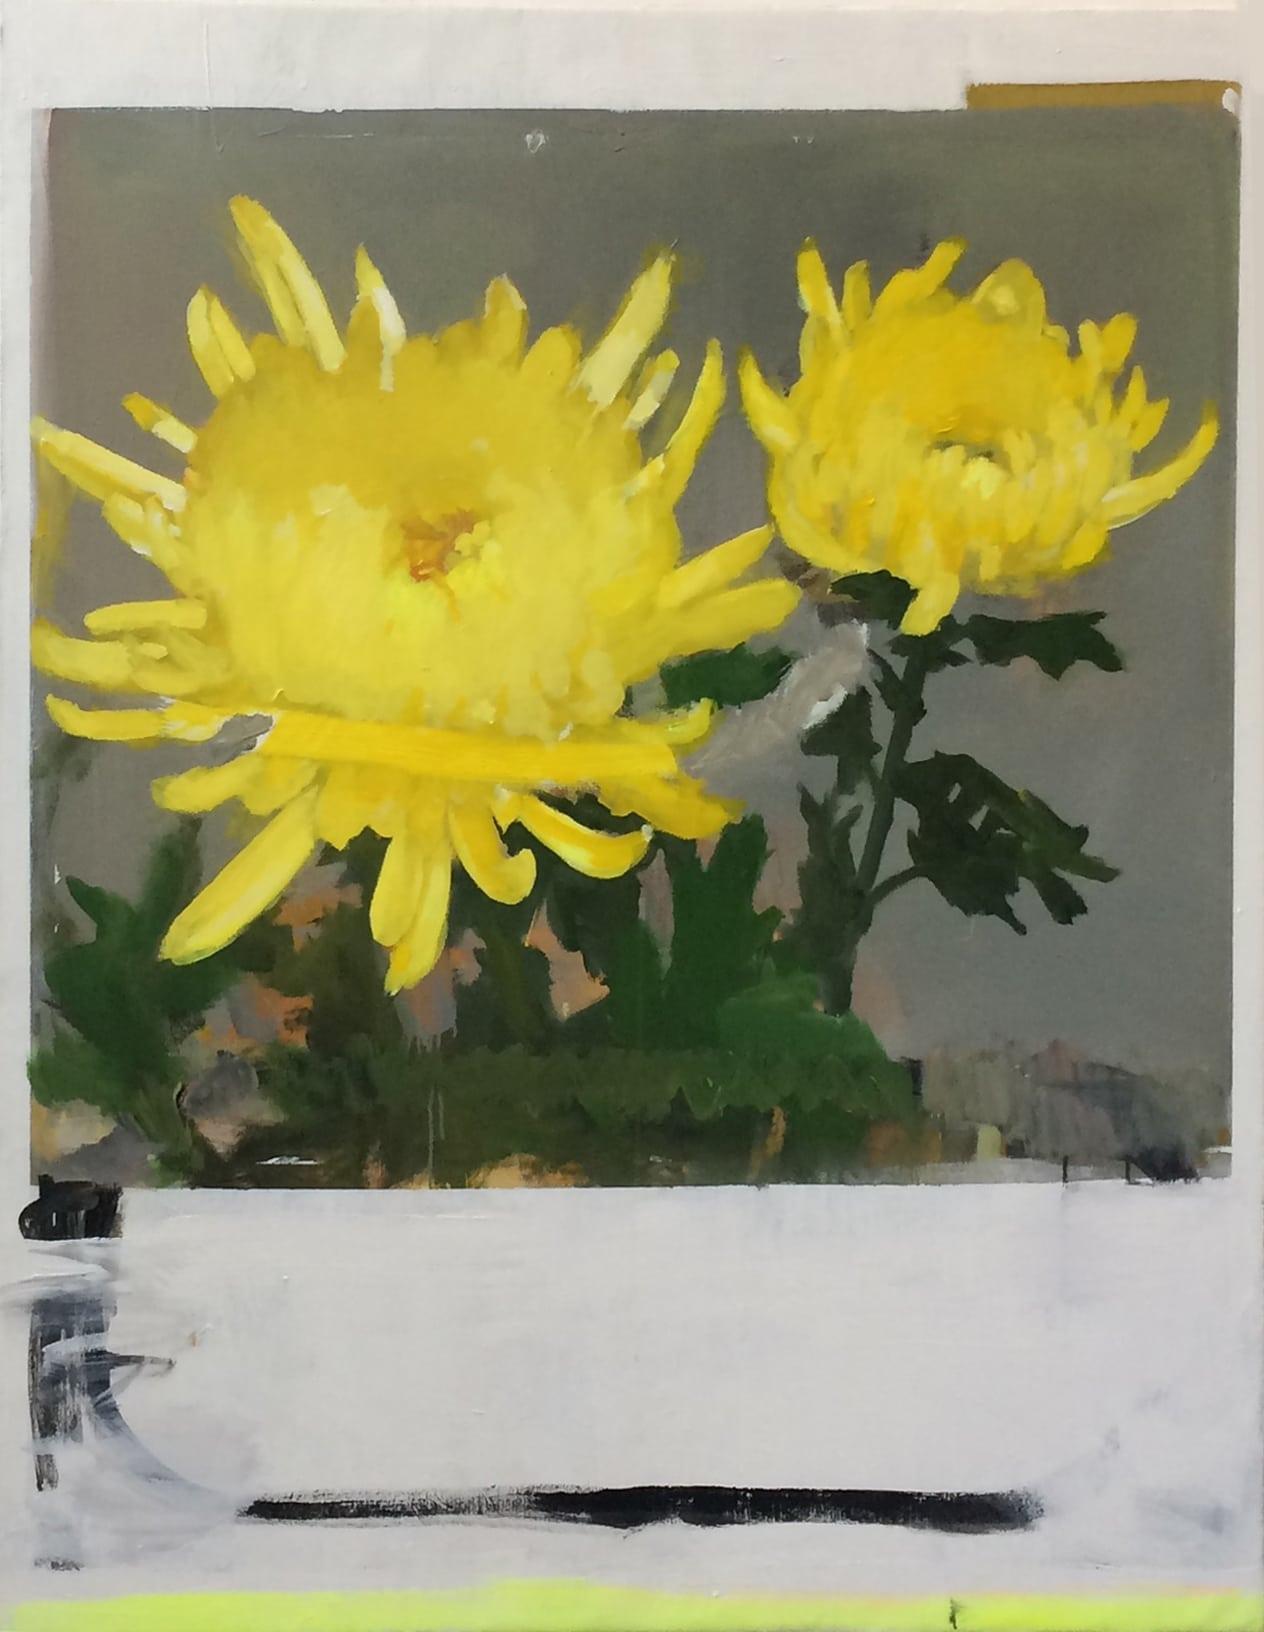 Michael_Harnish_DANDELION I_60 x 48 inches_oil